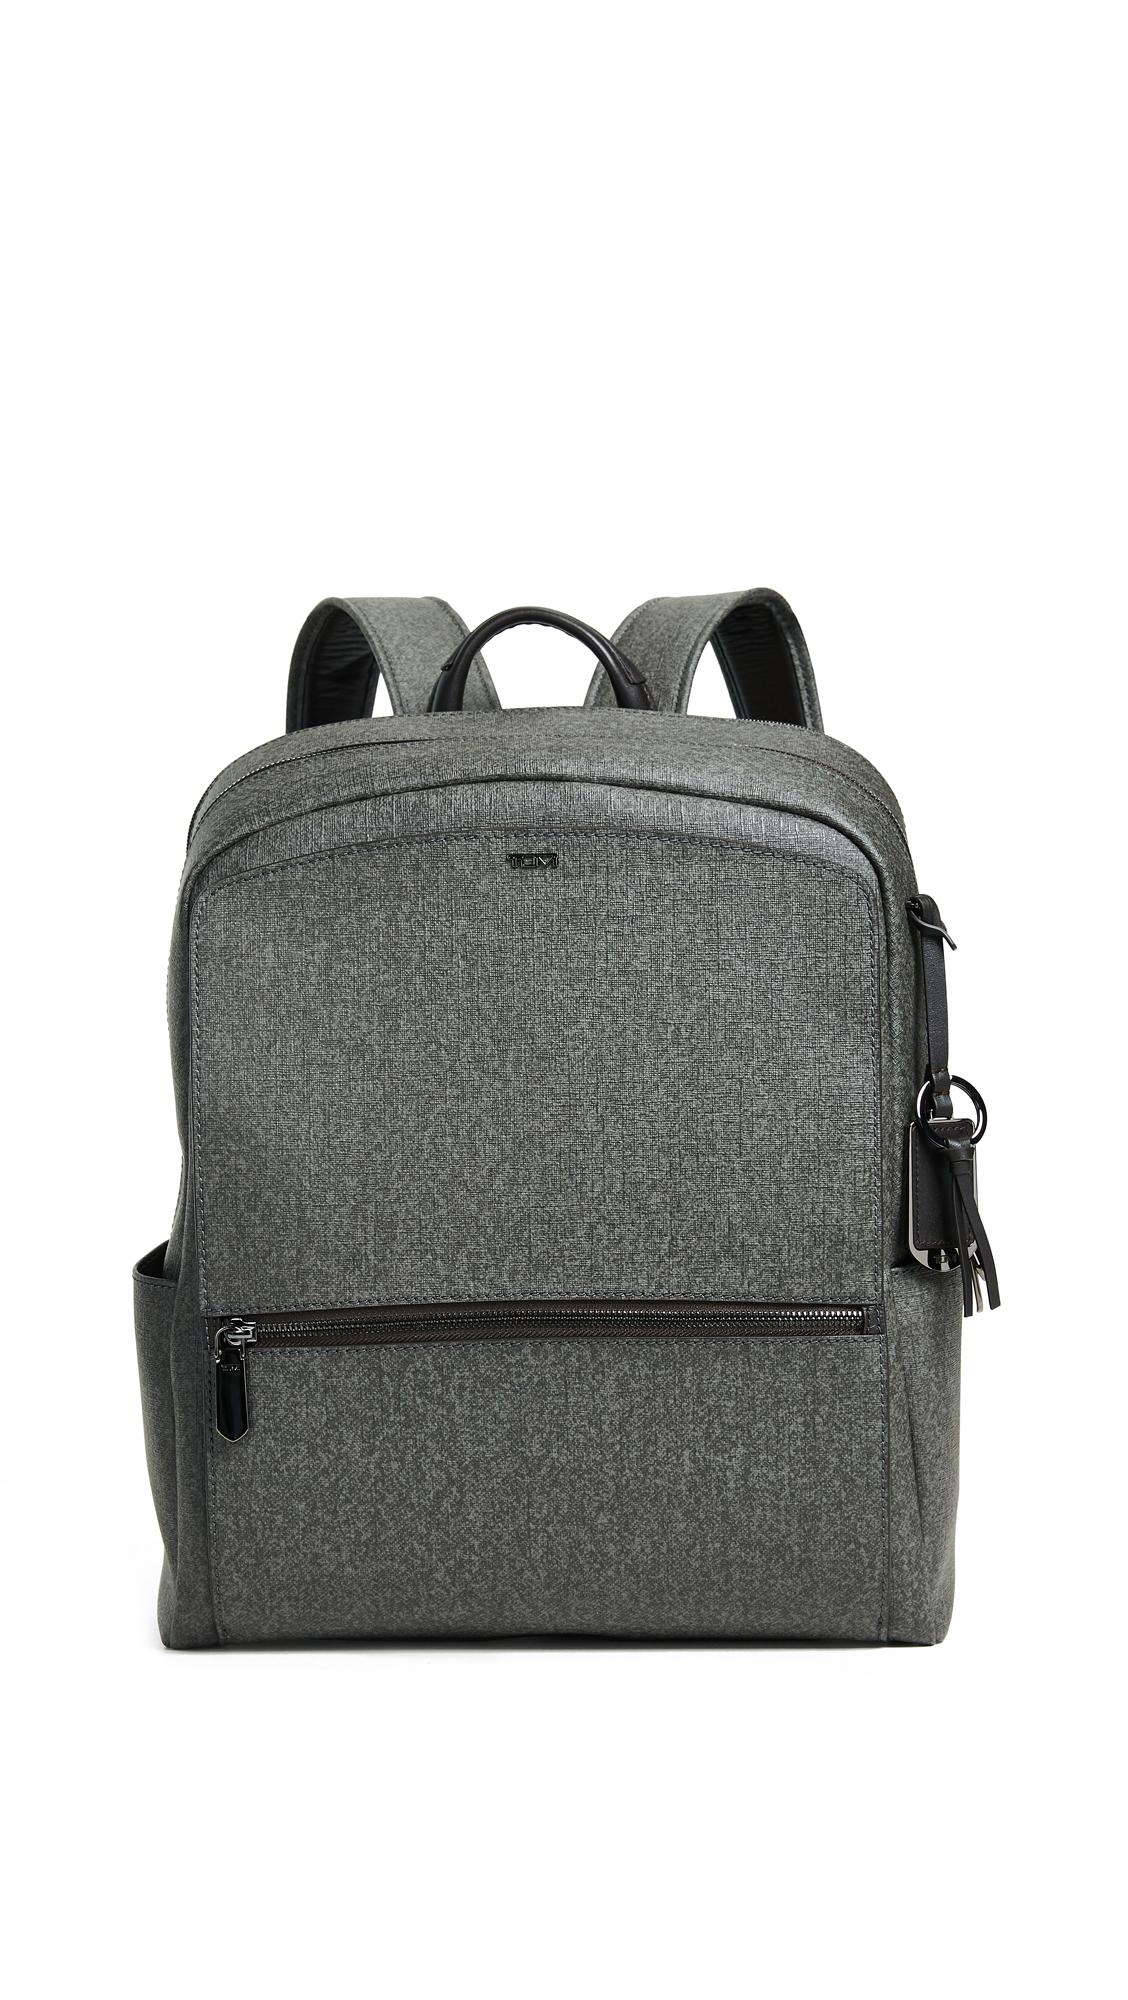 Tumi Becca Backpack - Earl Grey